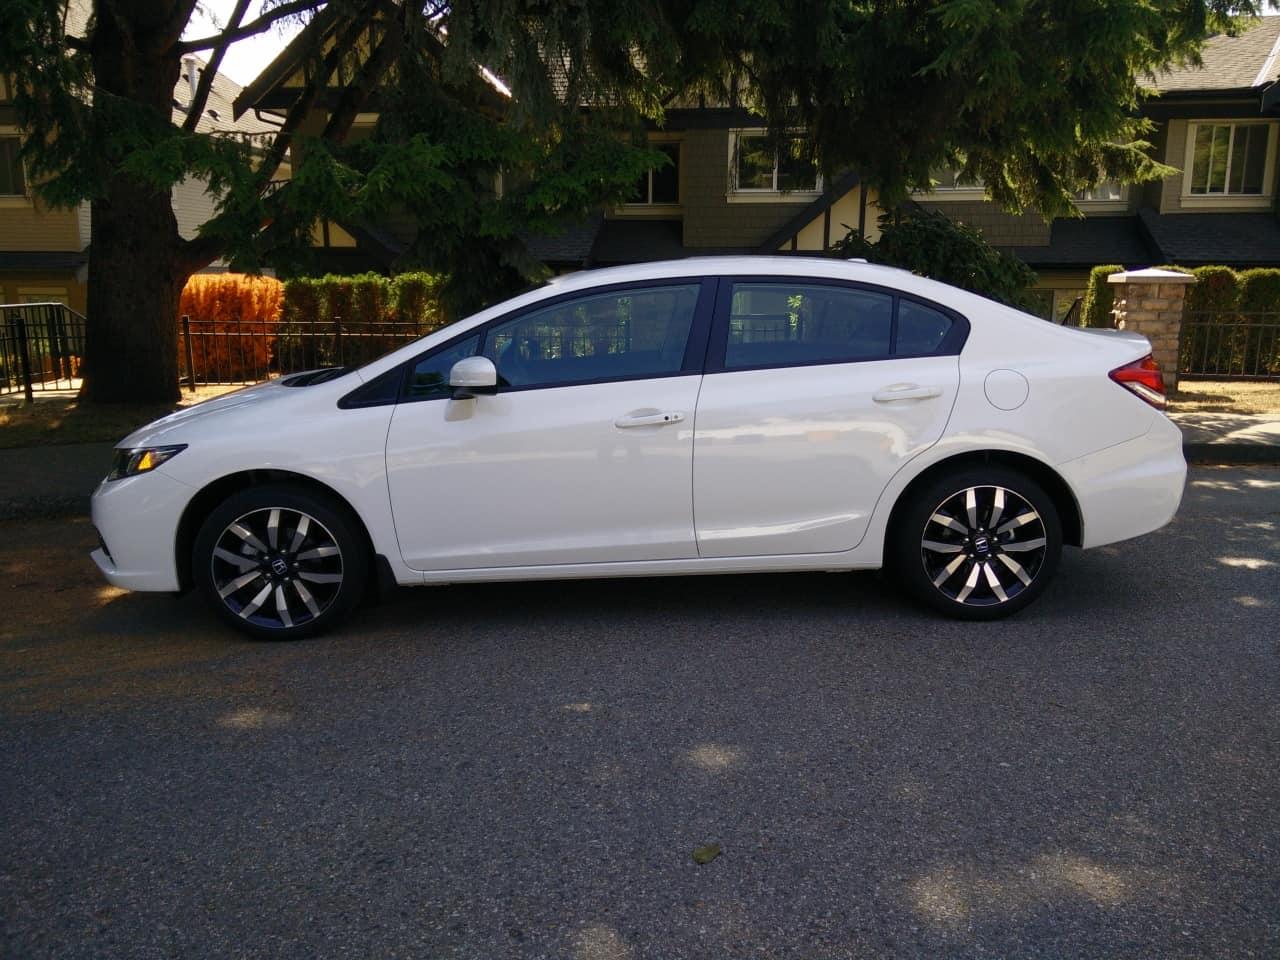 2015_Honda_Civic_Touring_Review_03